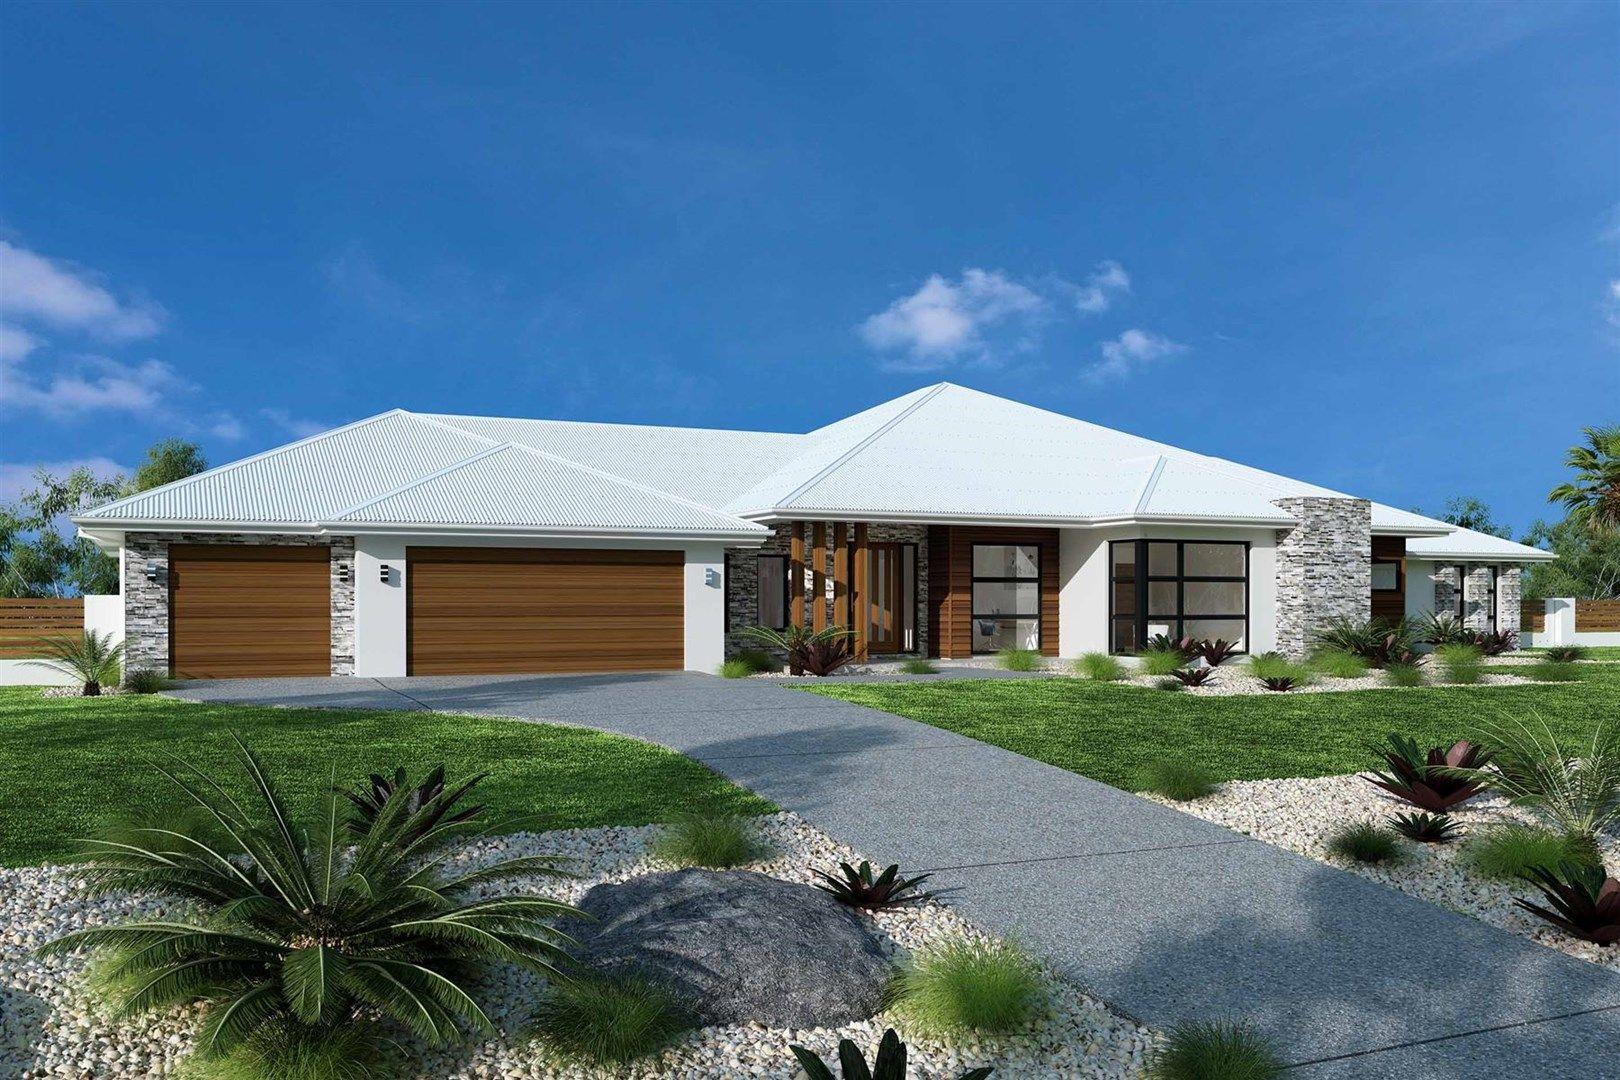 Lot 4, 312 Halcrows Road, Glenorie NSW 2157, Image 0